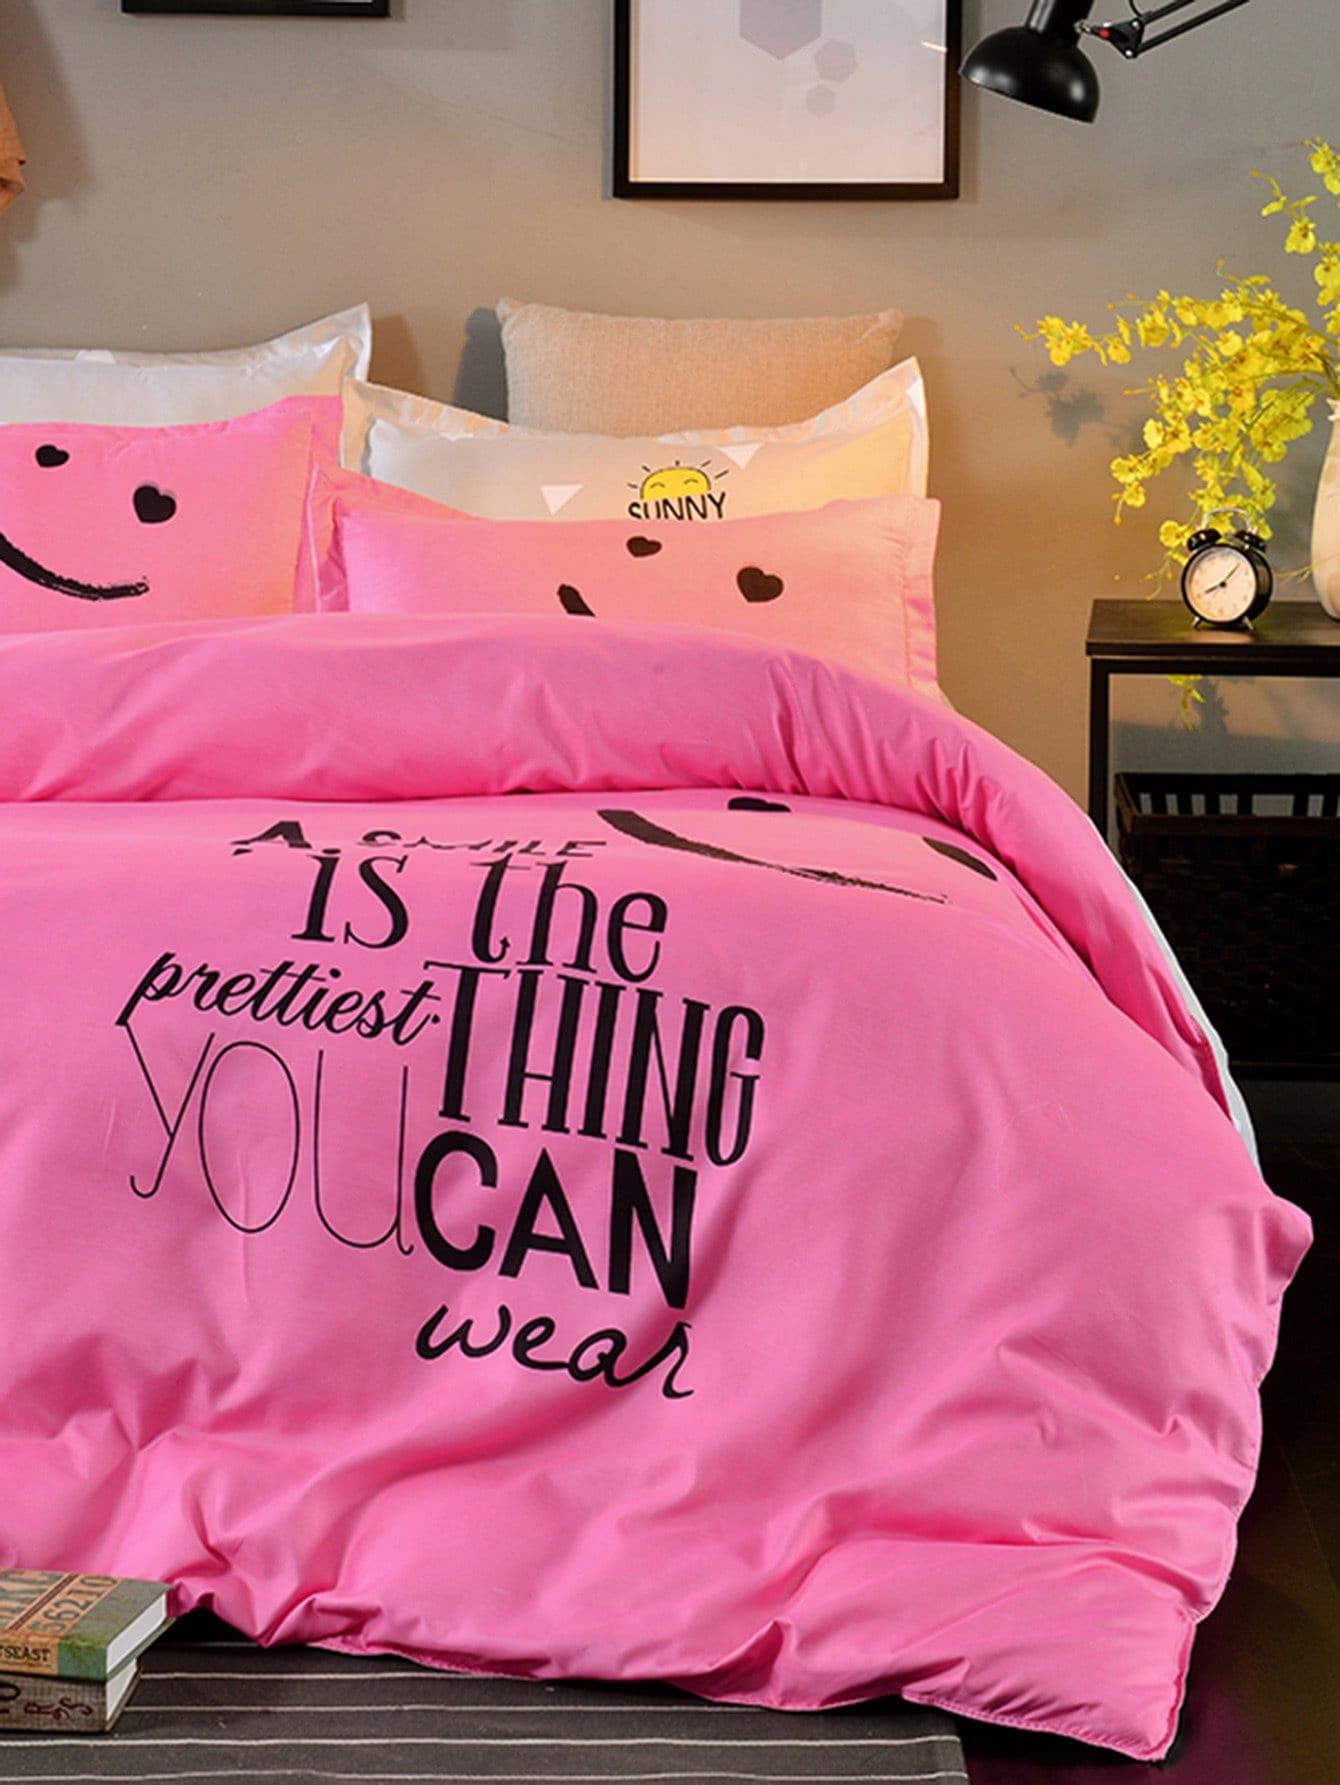 Купить Комплект для кровати с принтом мультики со слоганом, null, SheIn